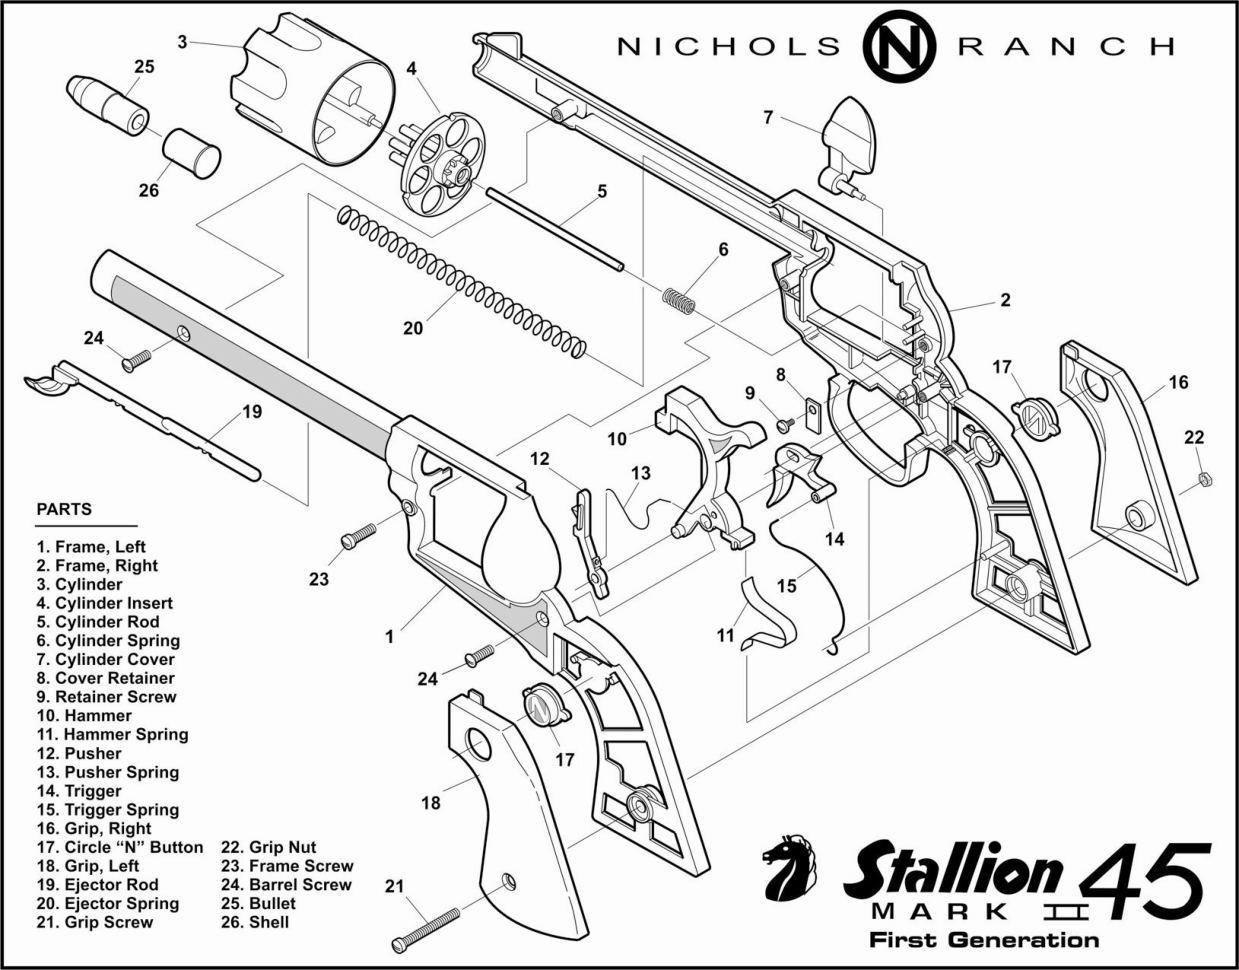 hight resolution of cap gun schematics get free image about wiring diagram thompson center contender diagram thompson center encore